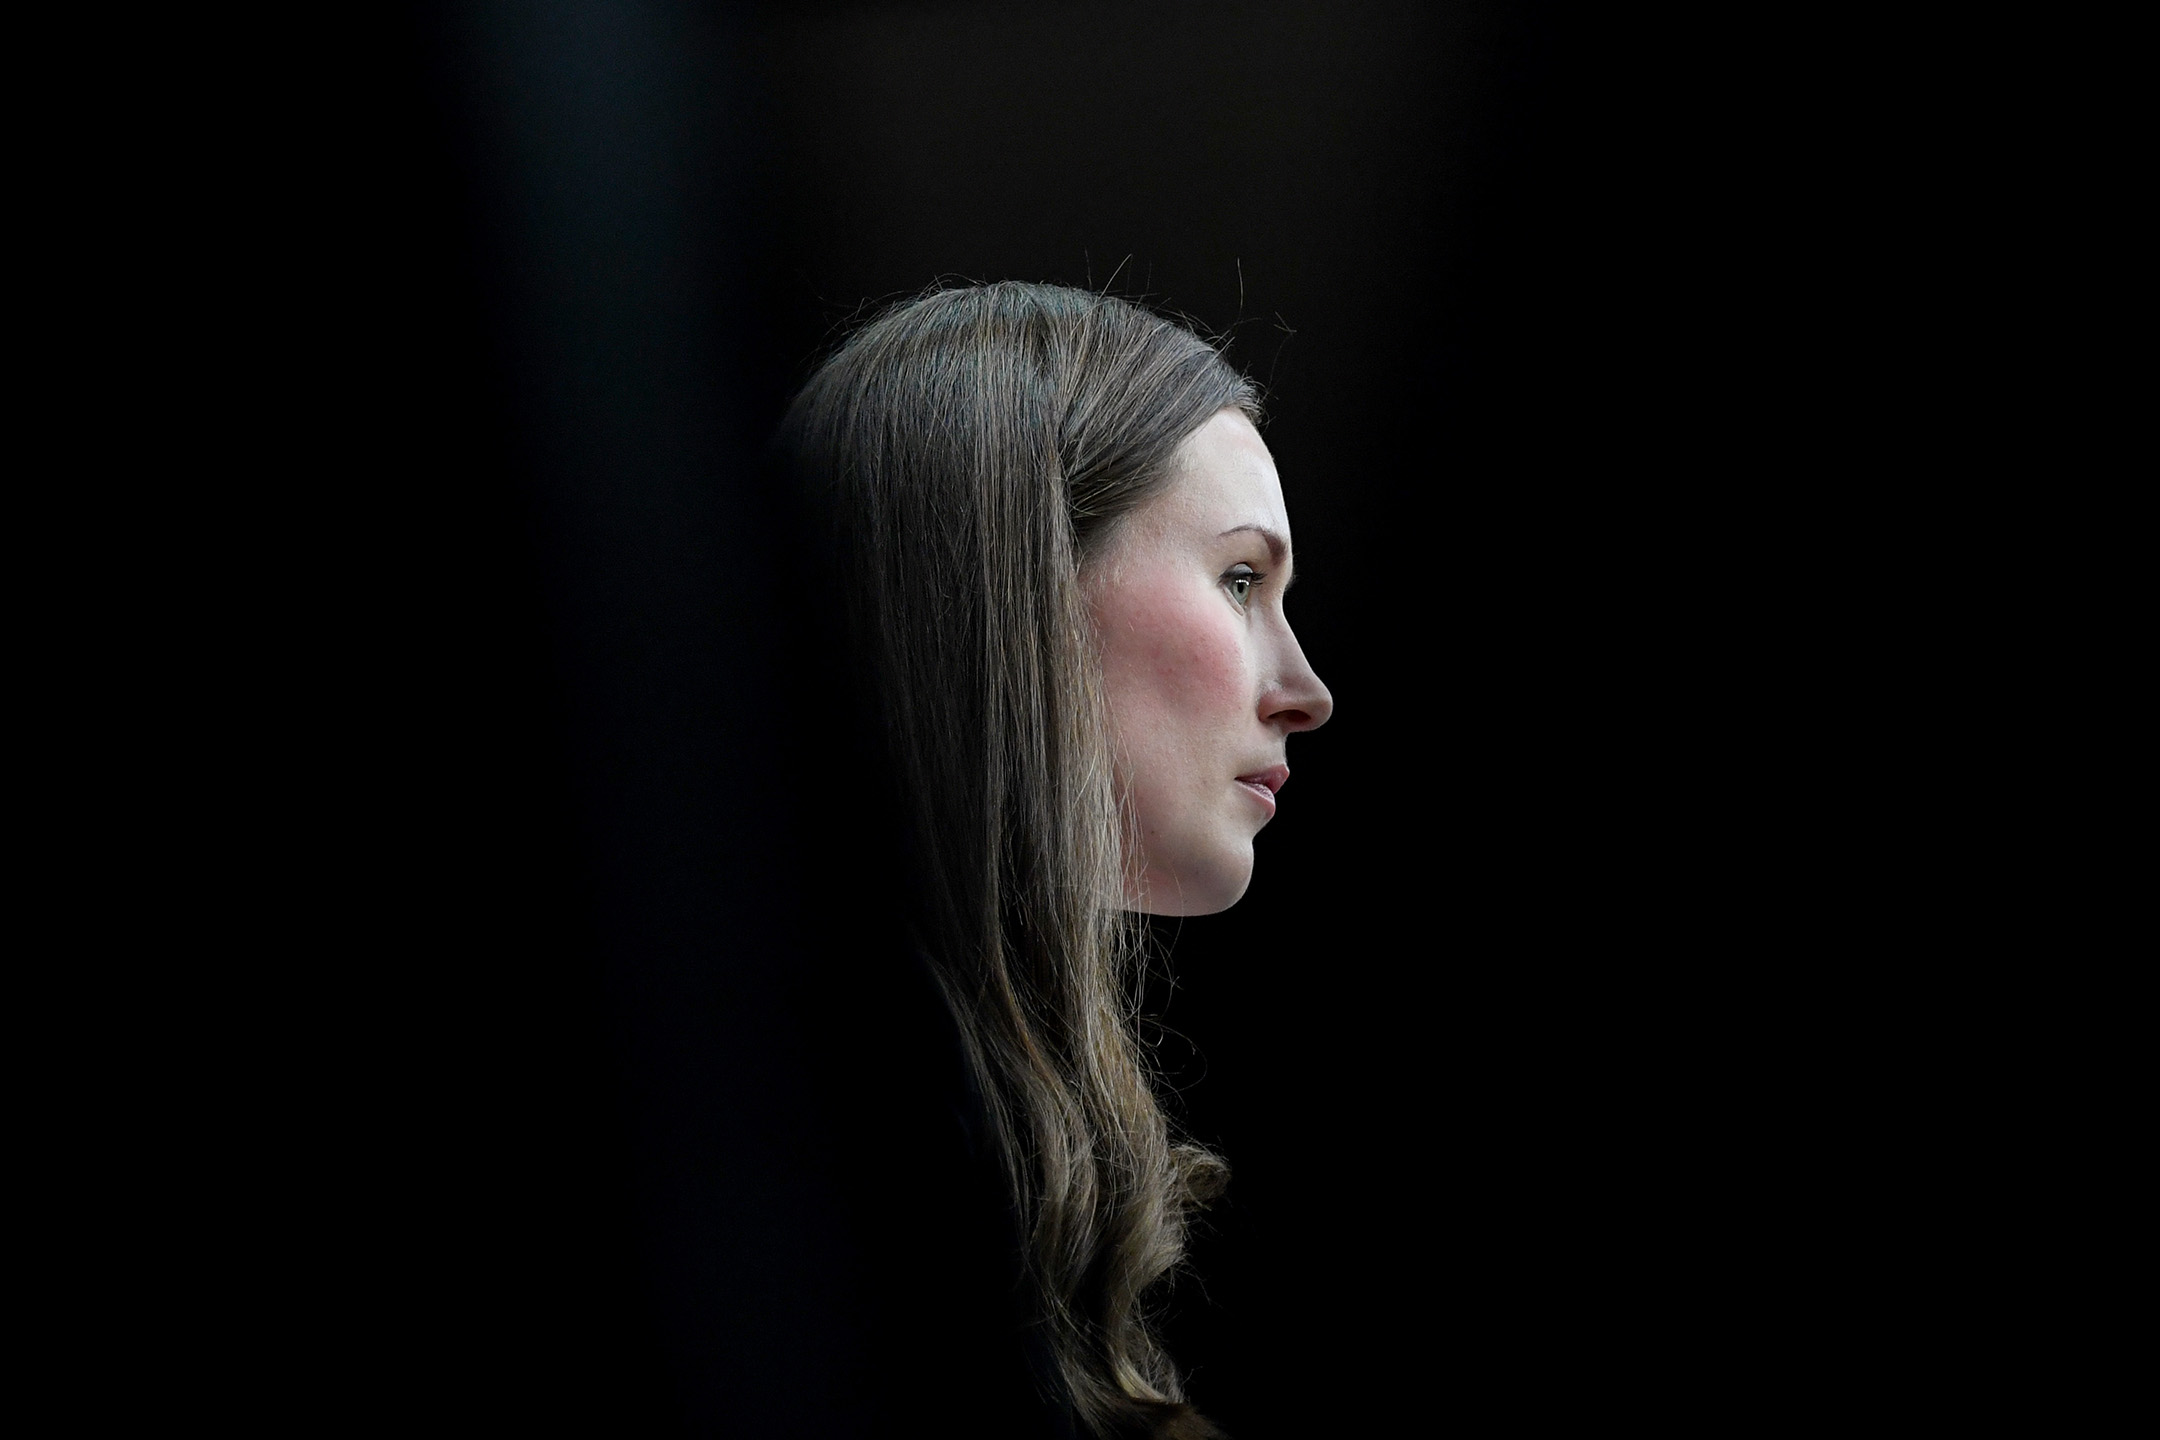 2019年12月13日,芬蘭總理馬林(Sanna Marin)於布魯塞爾歐羅巴大廈舉行的歐盟峰會期間舉行新聞發布會。 攝:Alain Jocard/AFP via Getty Images